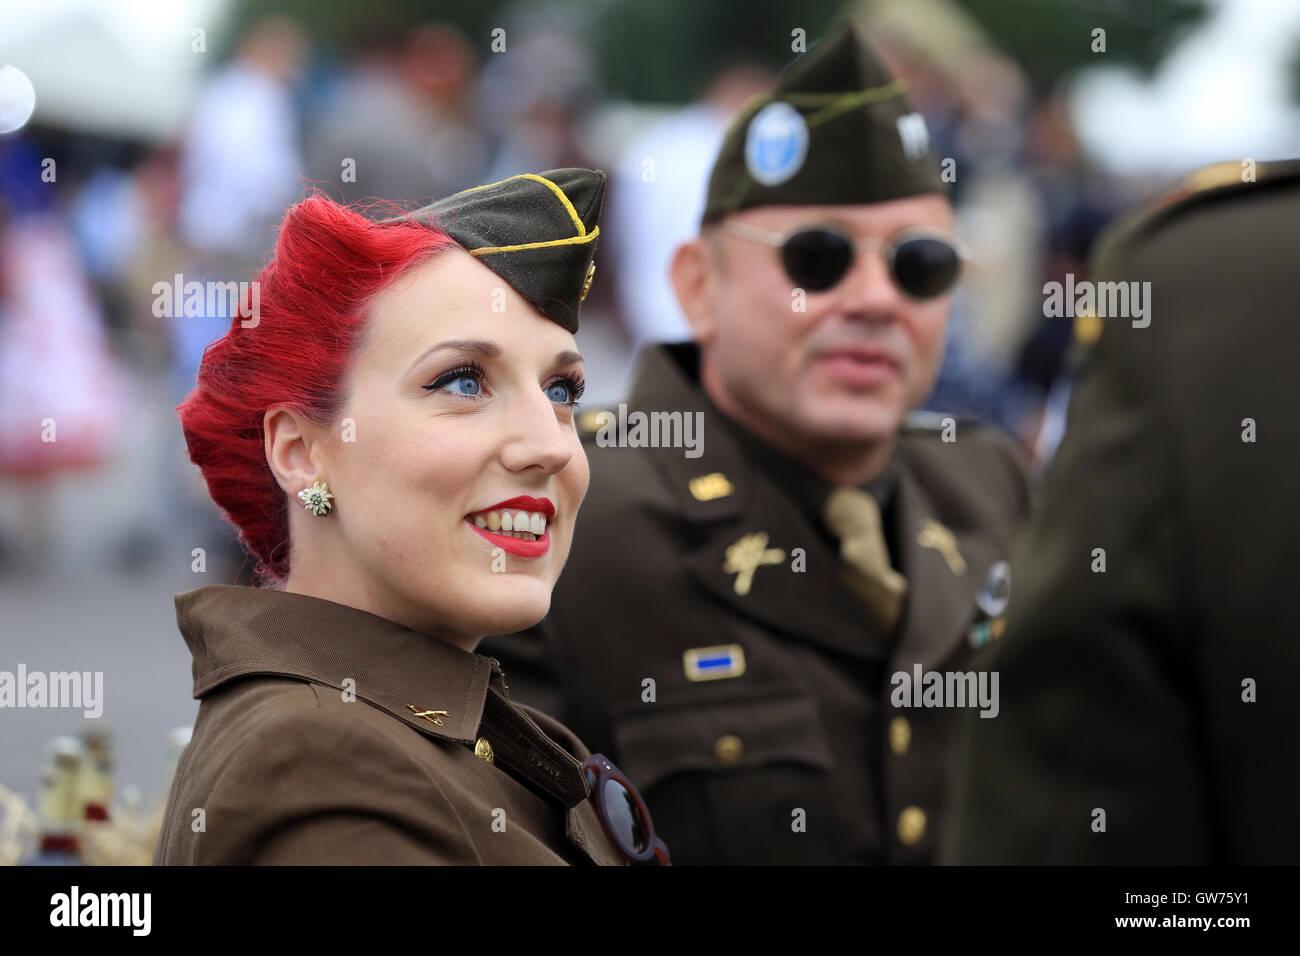 Periode Kleid das Goodwood Revival ist eine dreitägige Festival jedes Jahr im September im Goodwood Circuit Stockbild